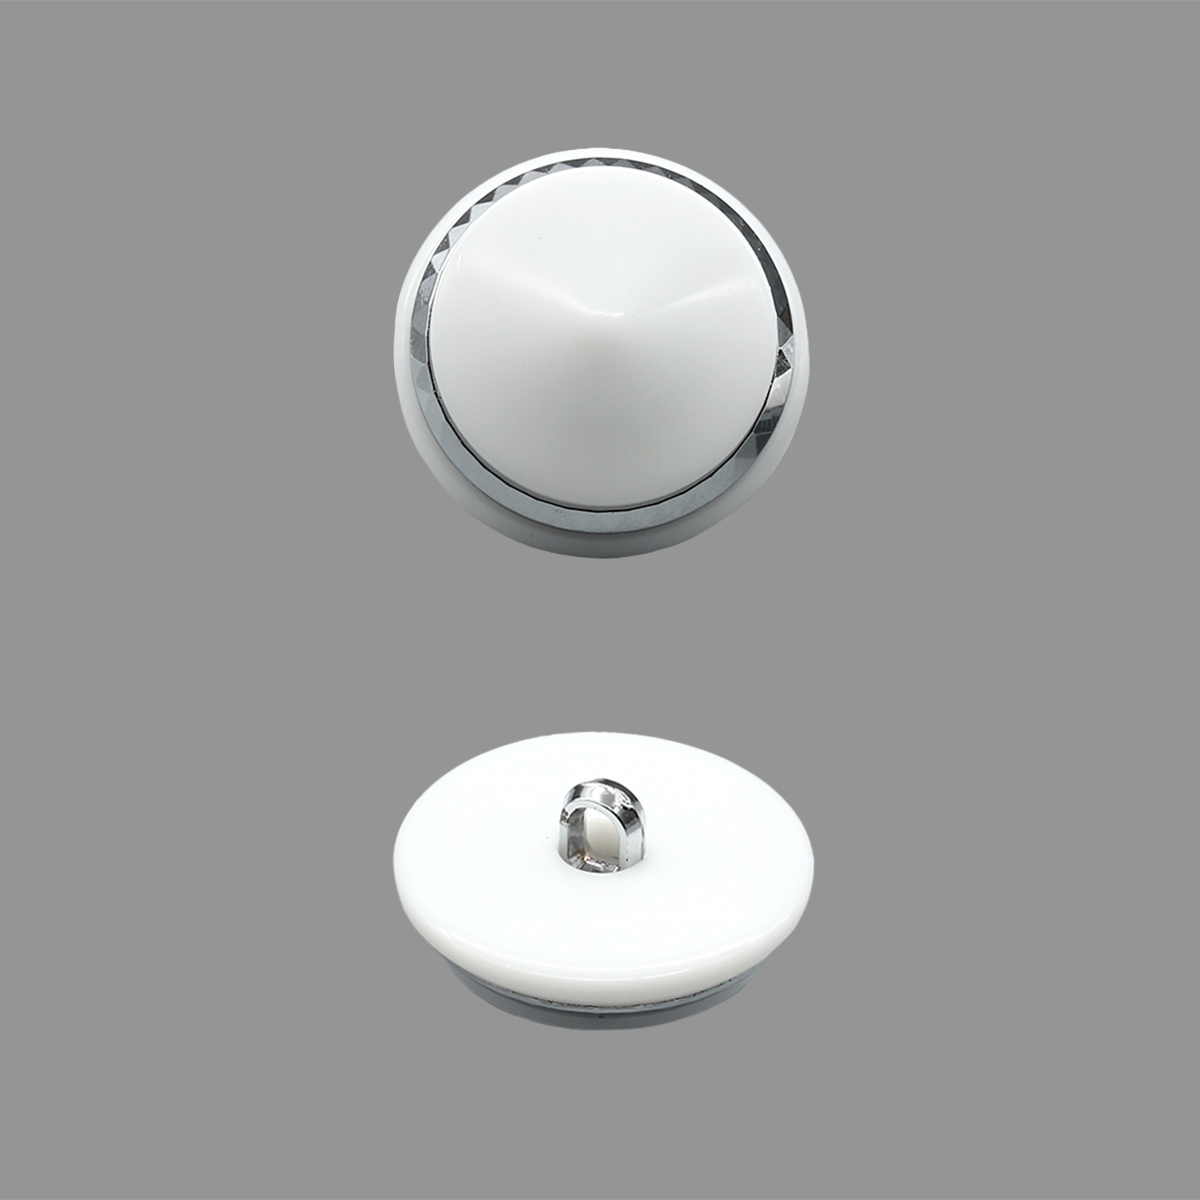 К1617 Пуговица 28мм (белый/никель)